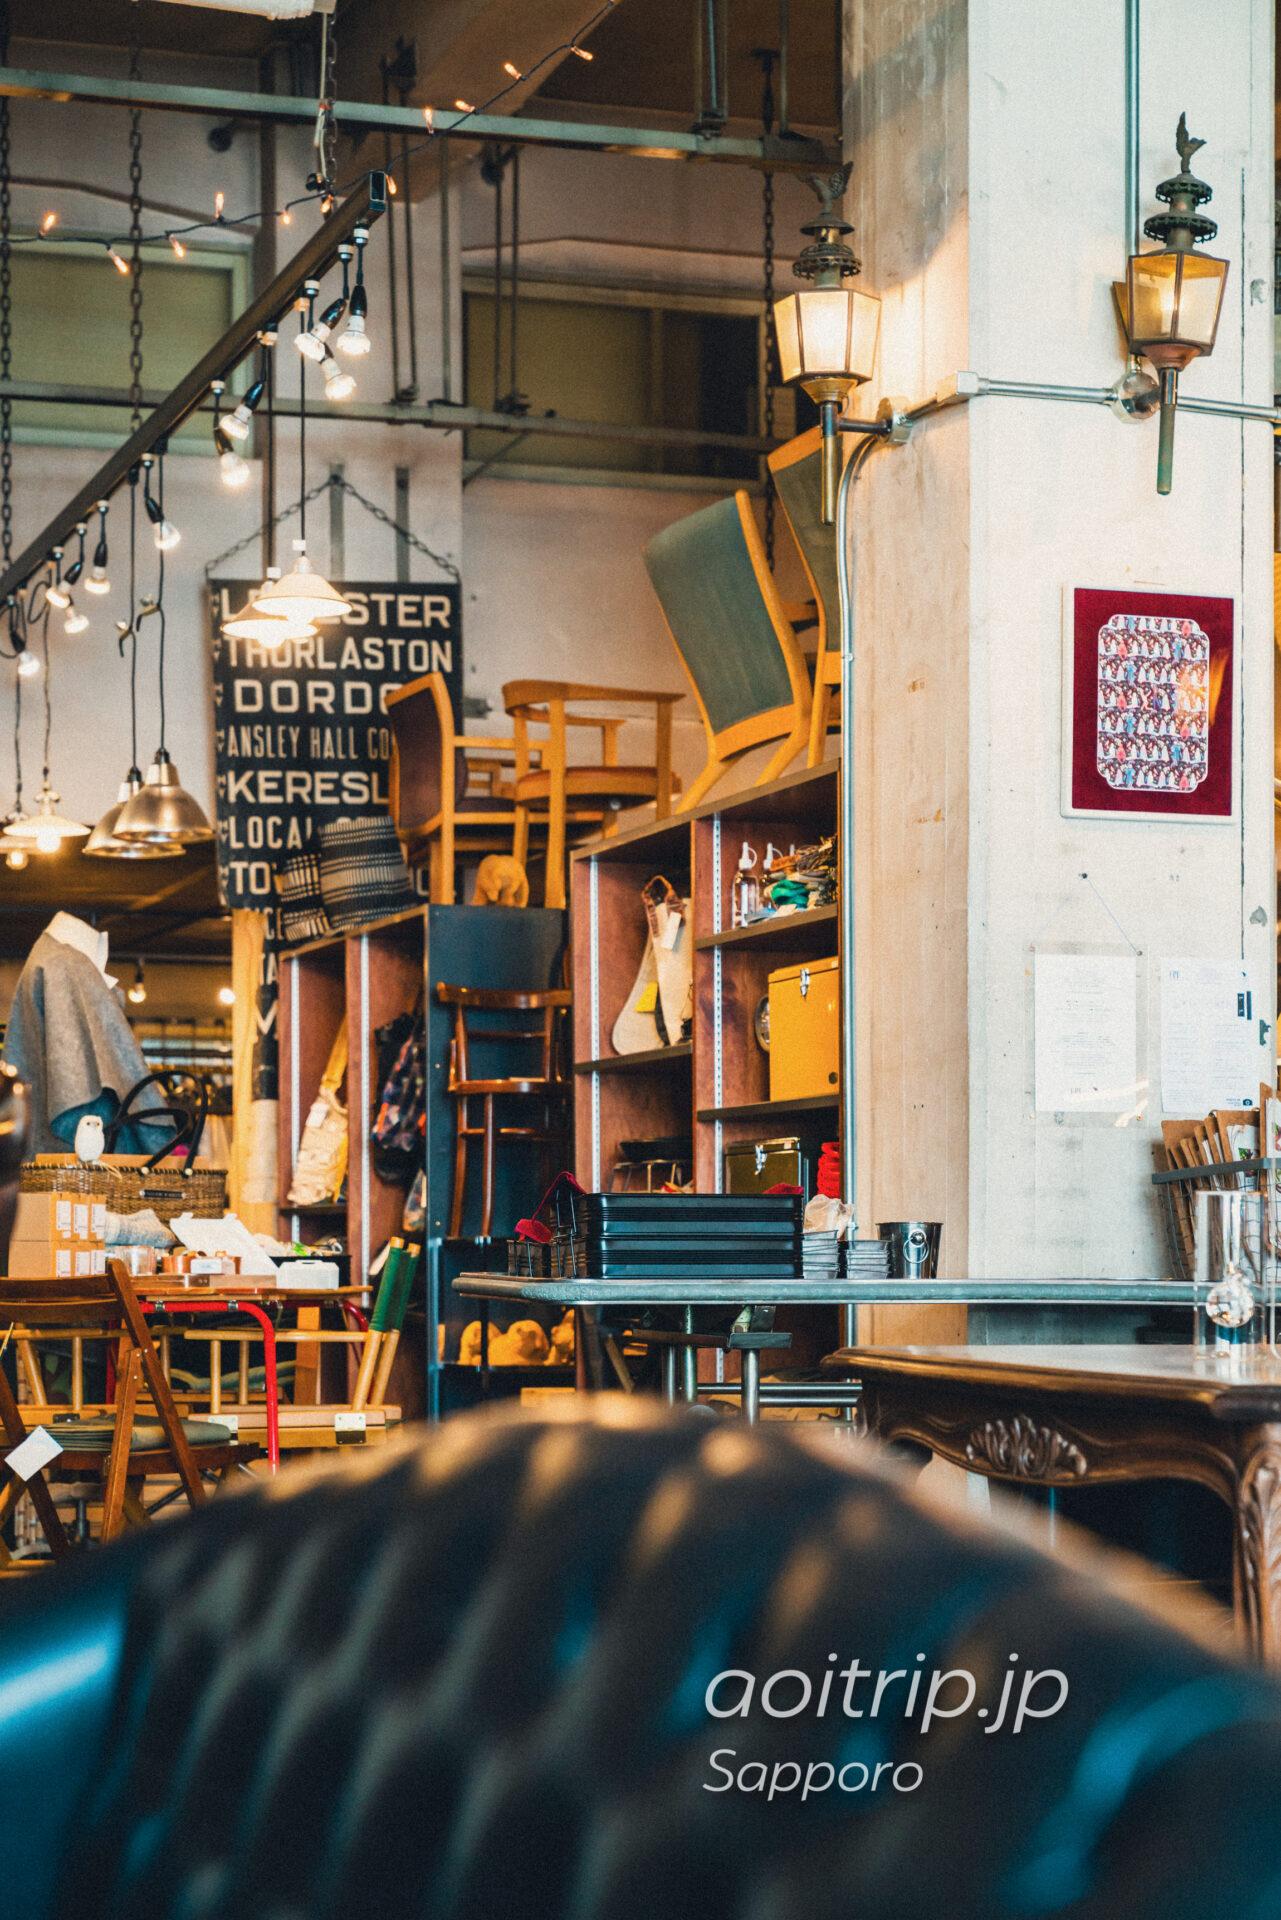 札幌のカフェ FAbULOUS(ファビュラス)カフェとショップ店内